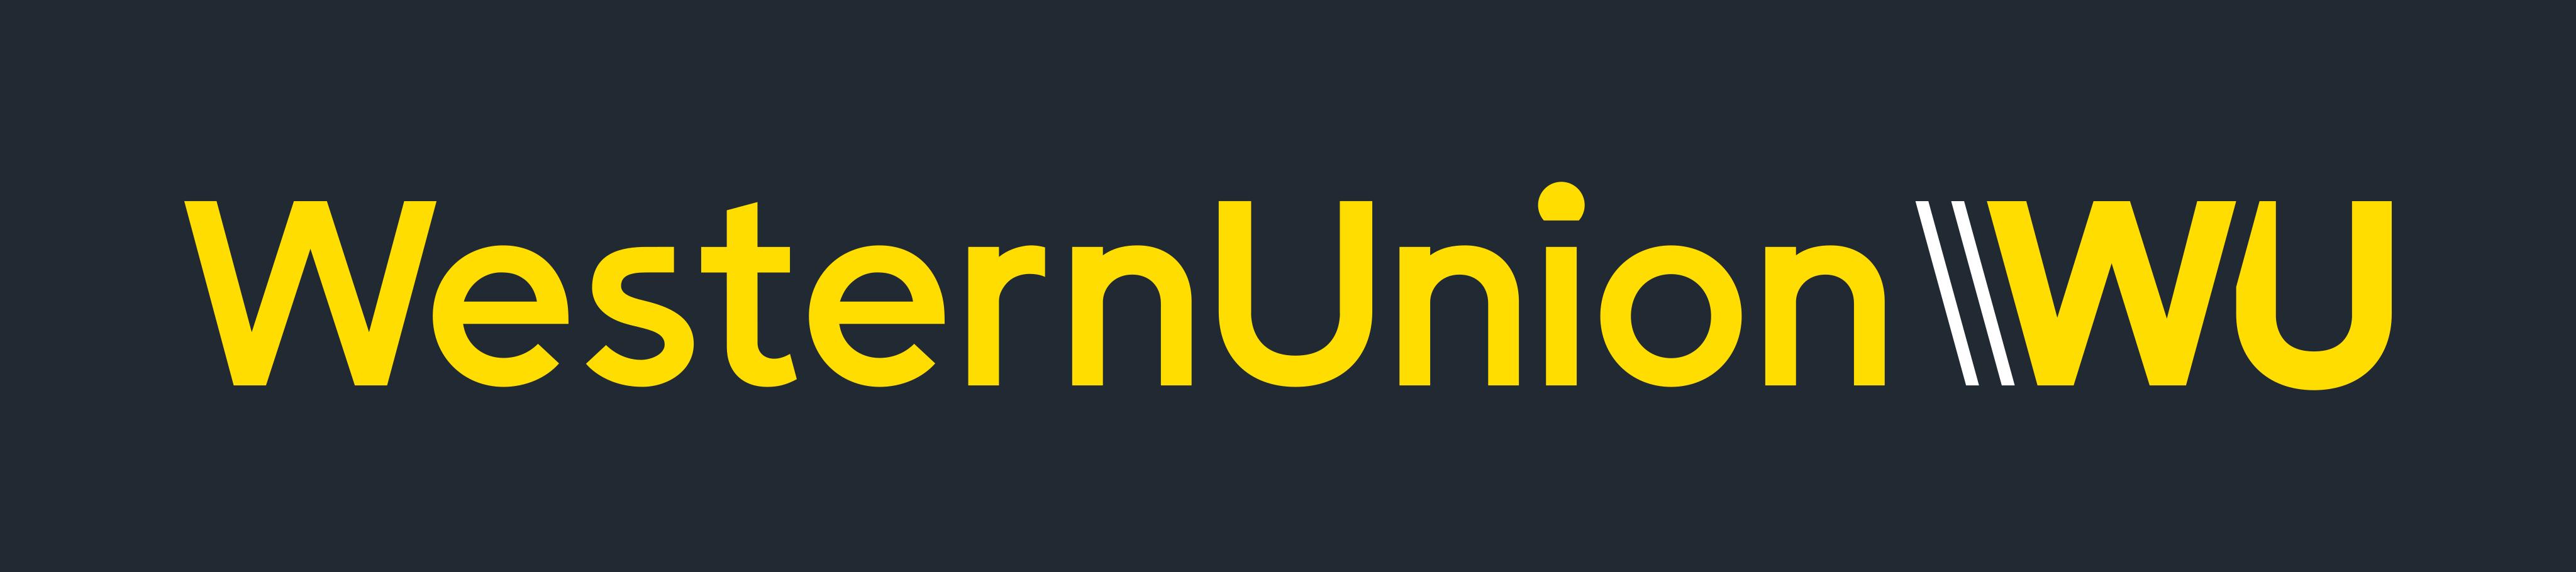 western union logo 8 - Western Union Logo